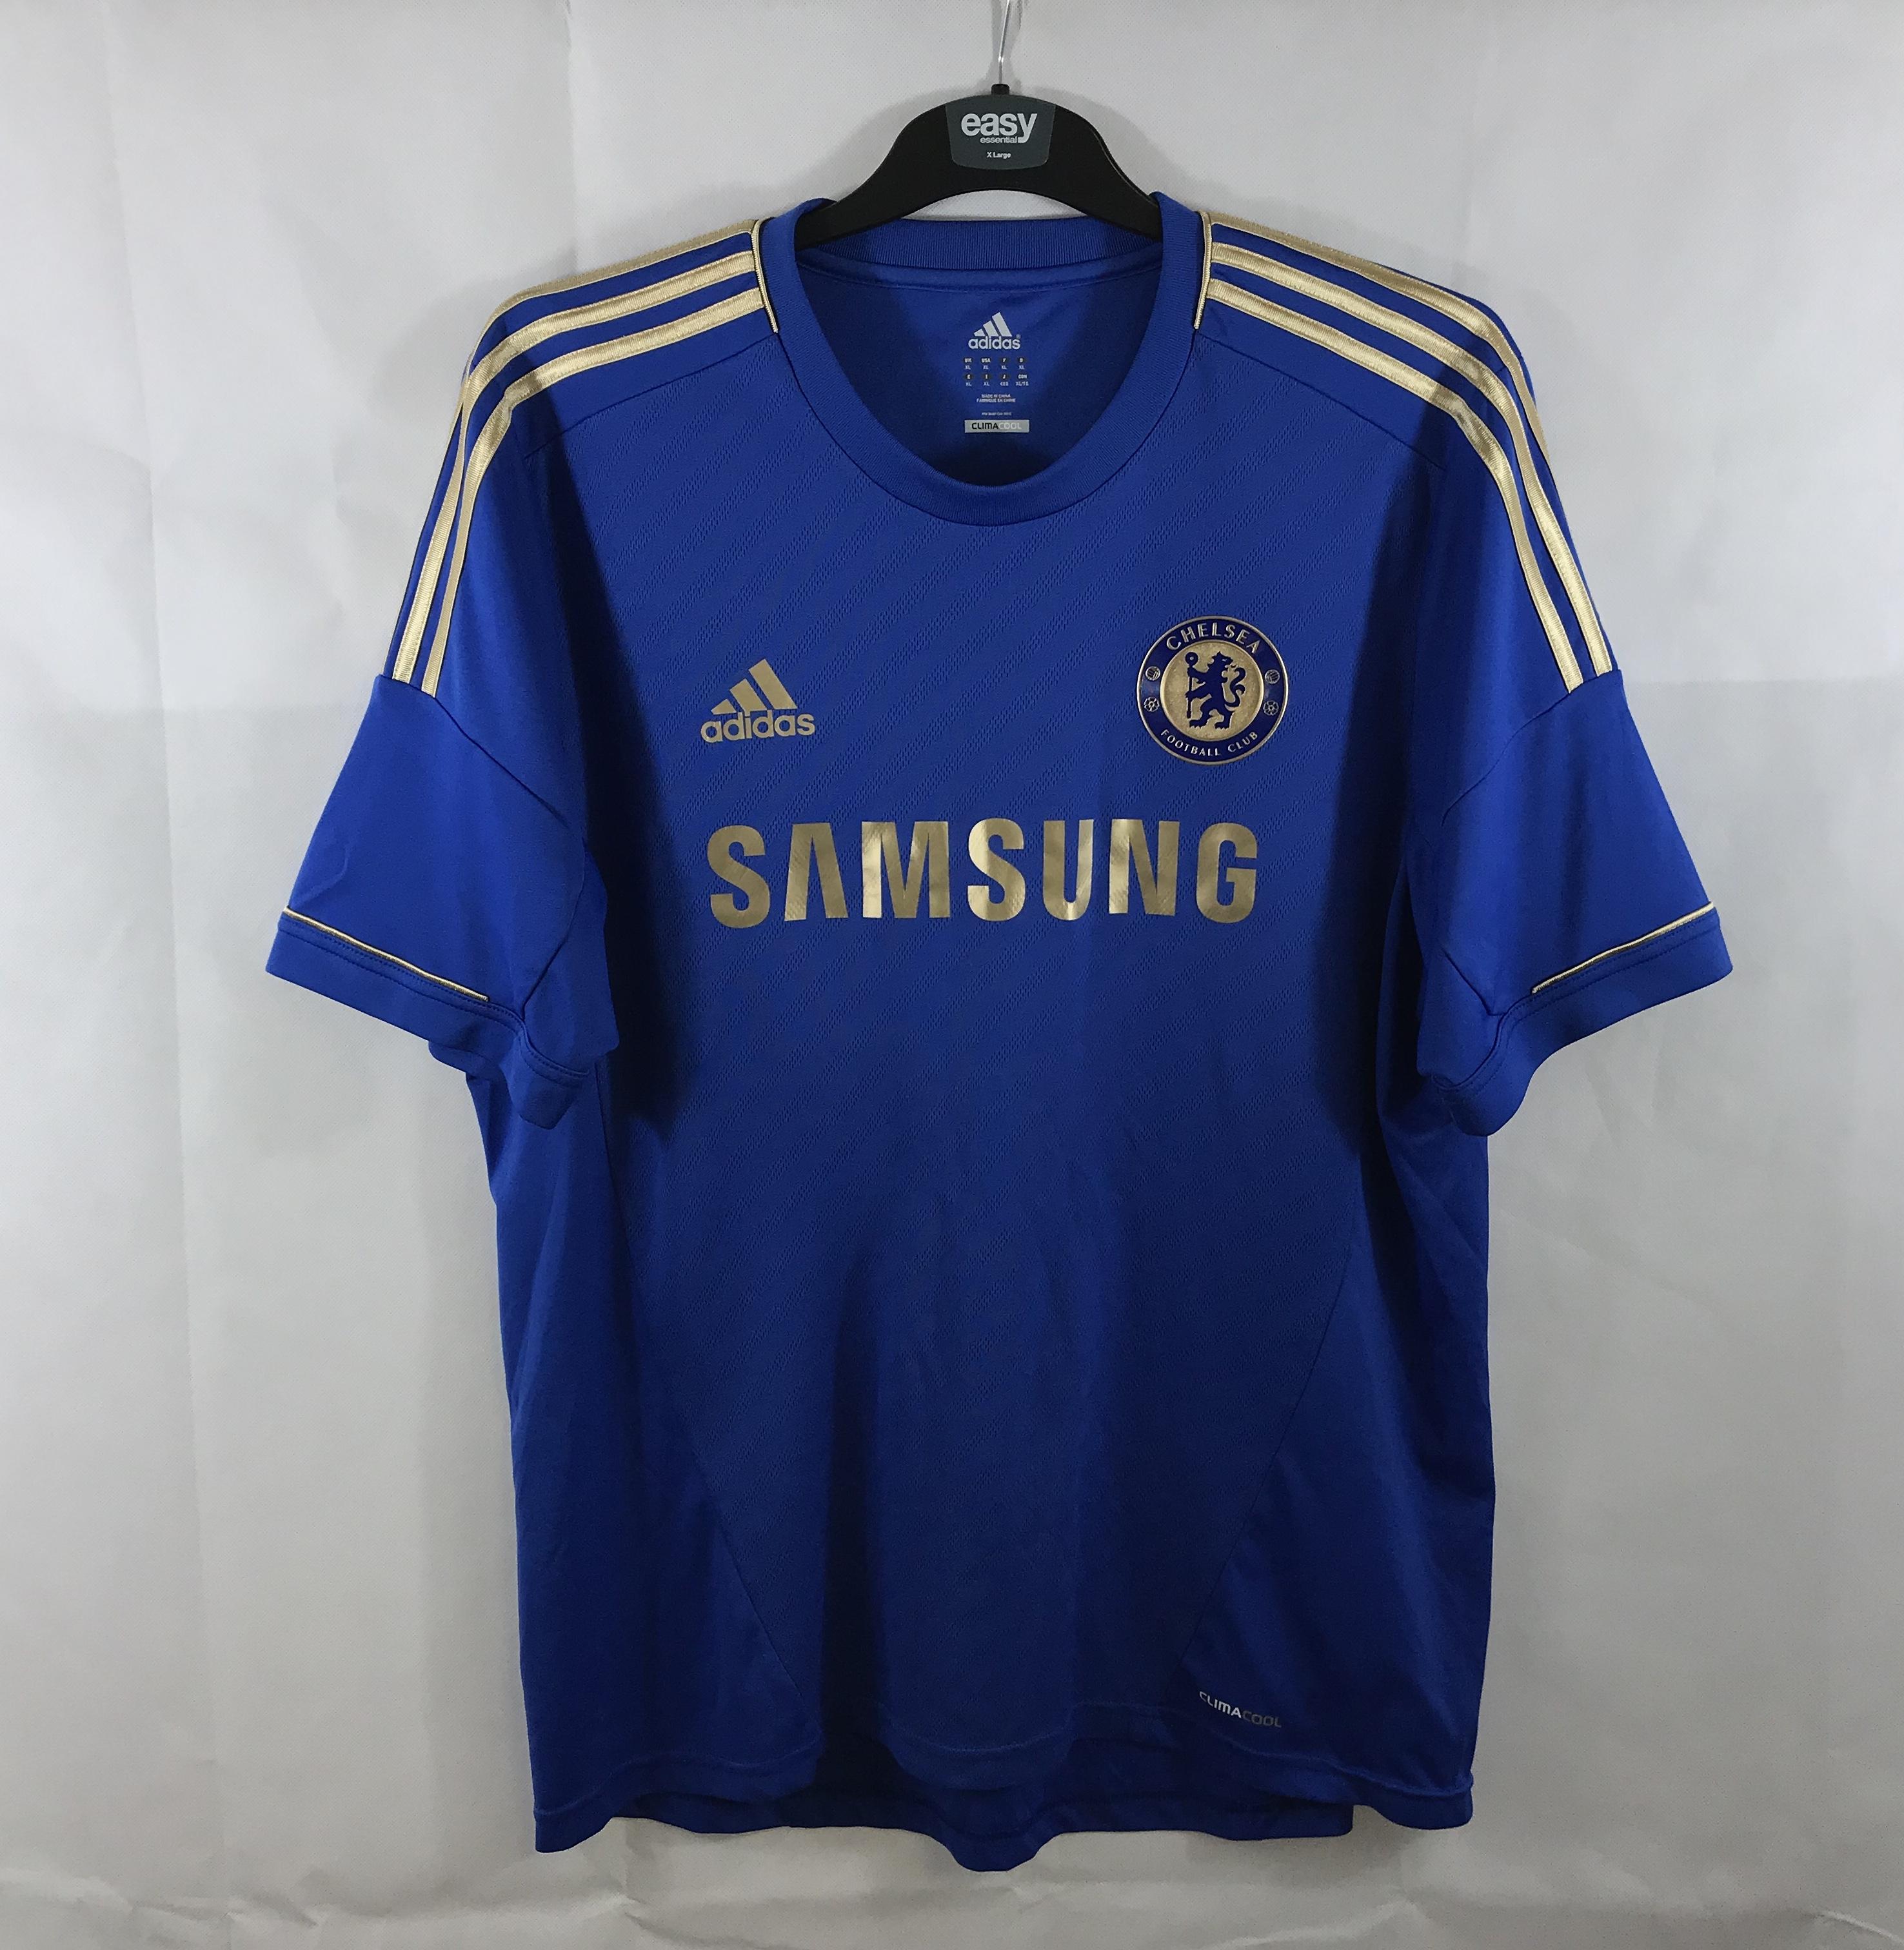 watch 55de9 f348a Chelsea Terry 26 Home Football Shirt 2012/13 Adults XL Adidas